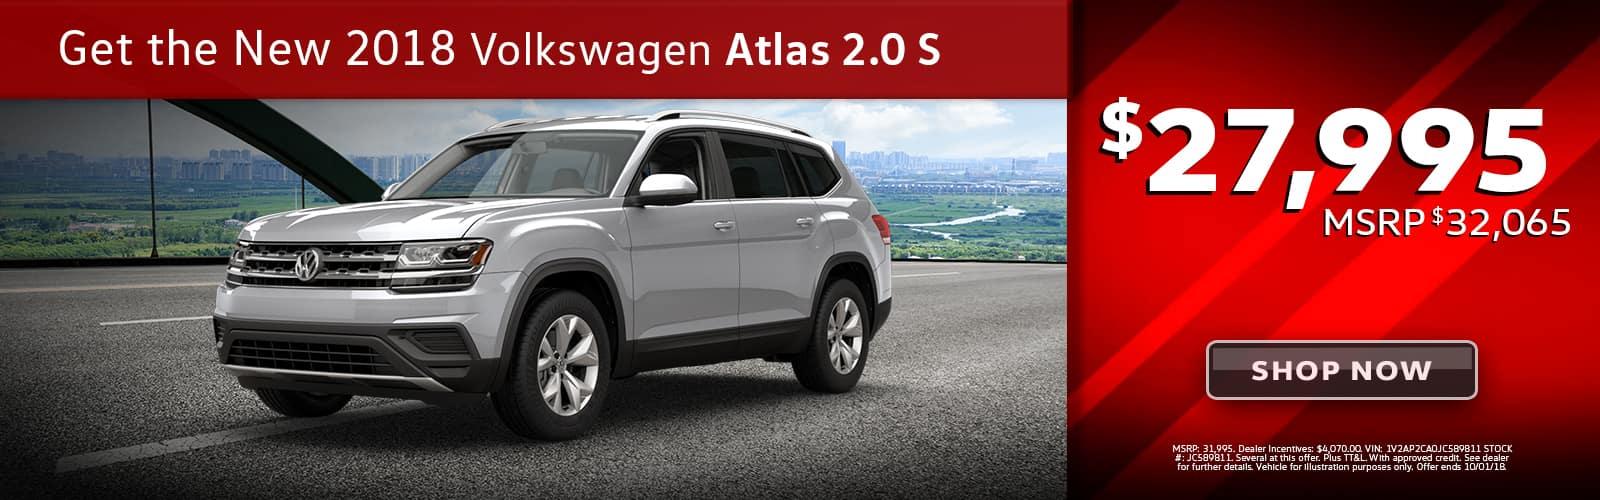 2018-volkswagen-atlas-2.0-s-volkswagen-beaumont